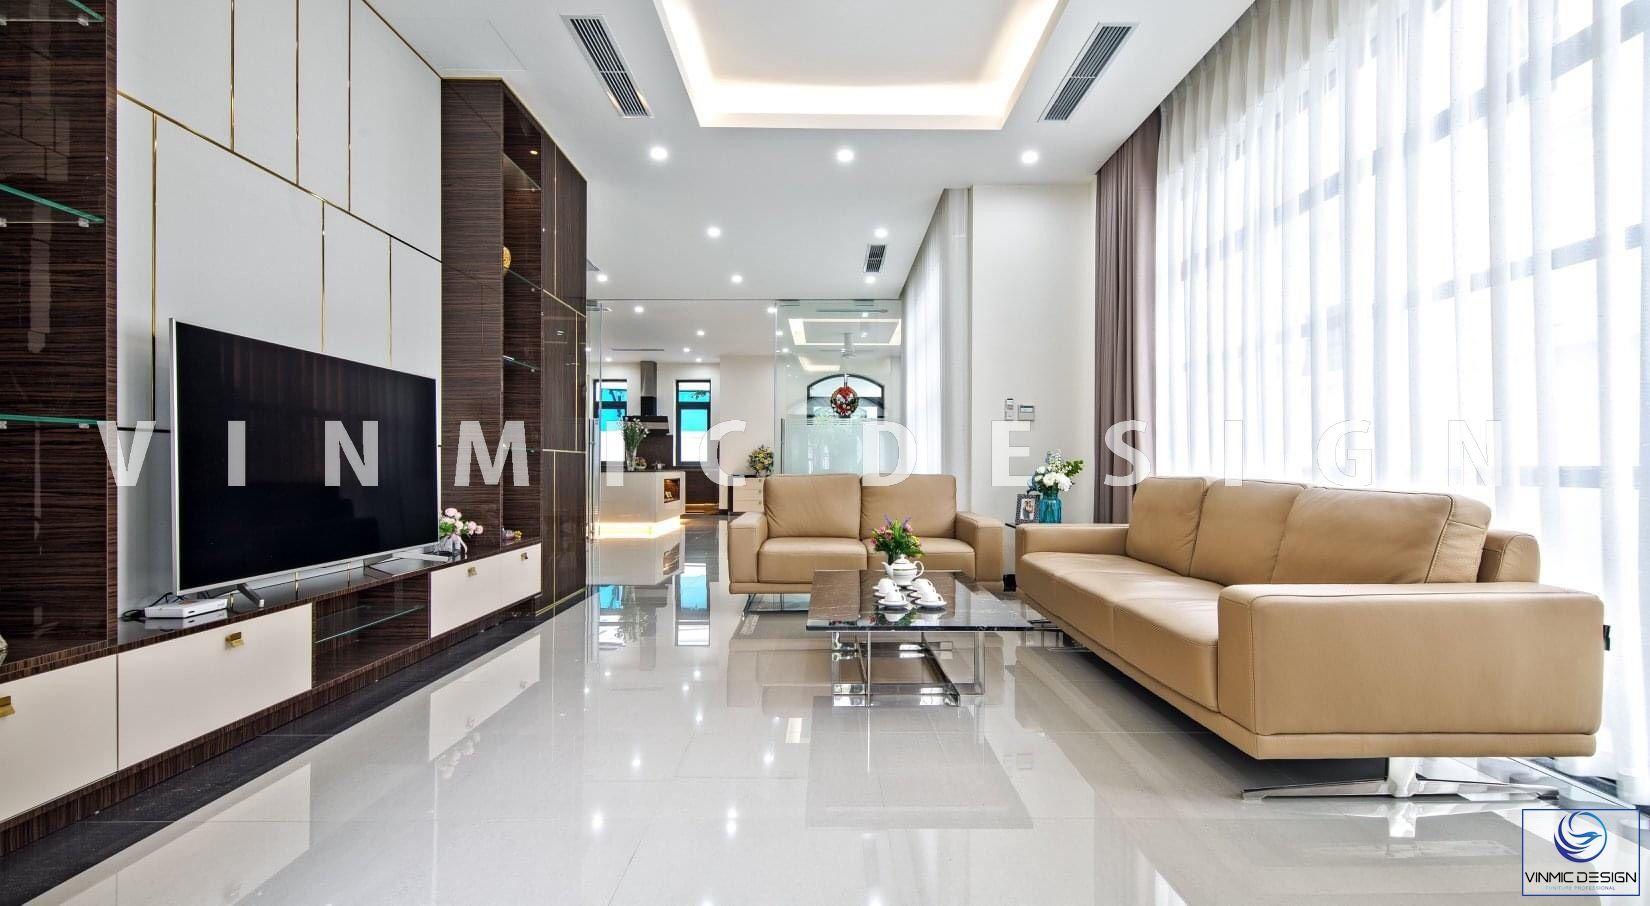 Nội thất phòng khách biệt thự Vinhomes Hải Phòng hiện đại, tận dụng ánh sáng thiên nhiến